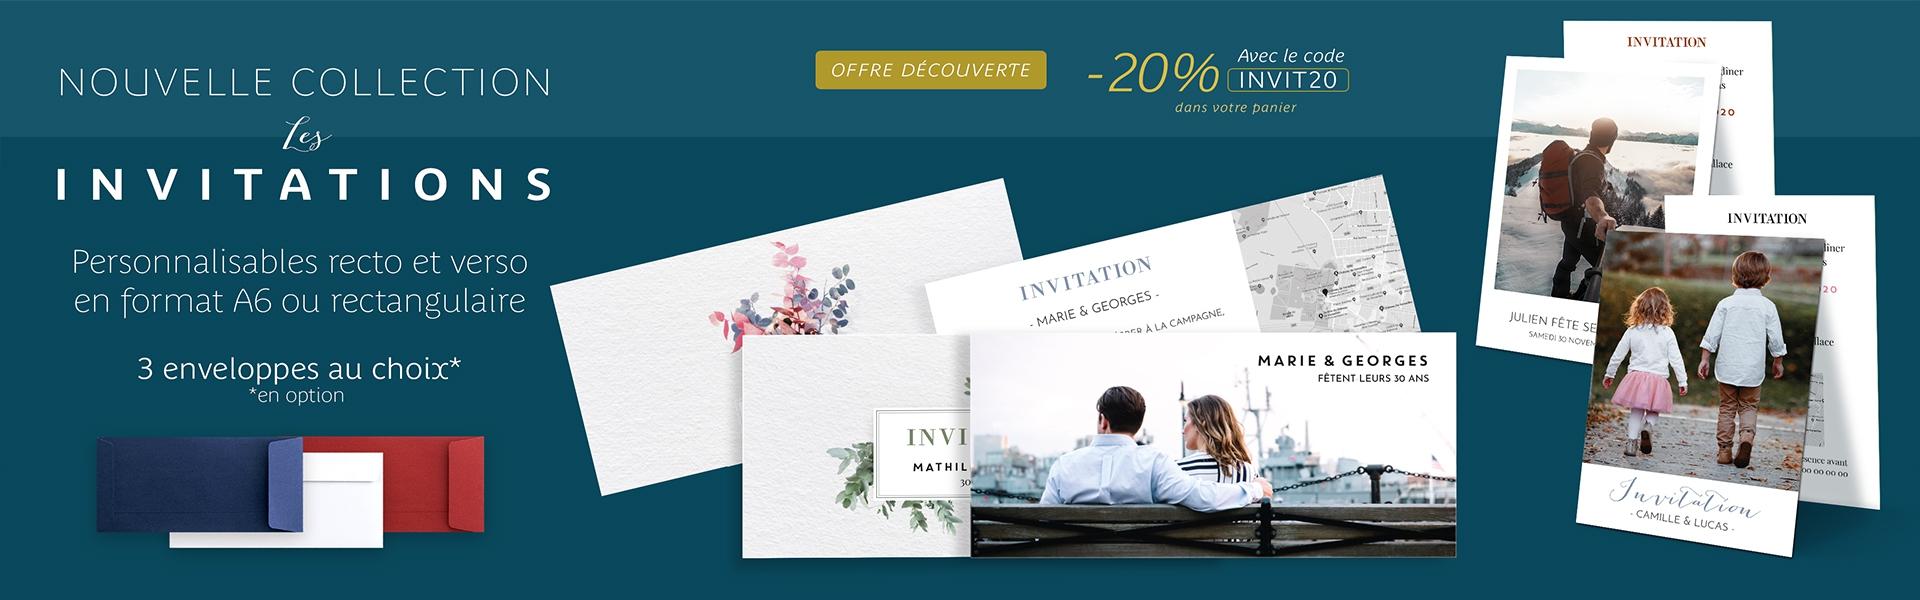 Offre découverte : Cartes d'invitation -20%